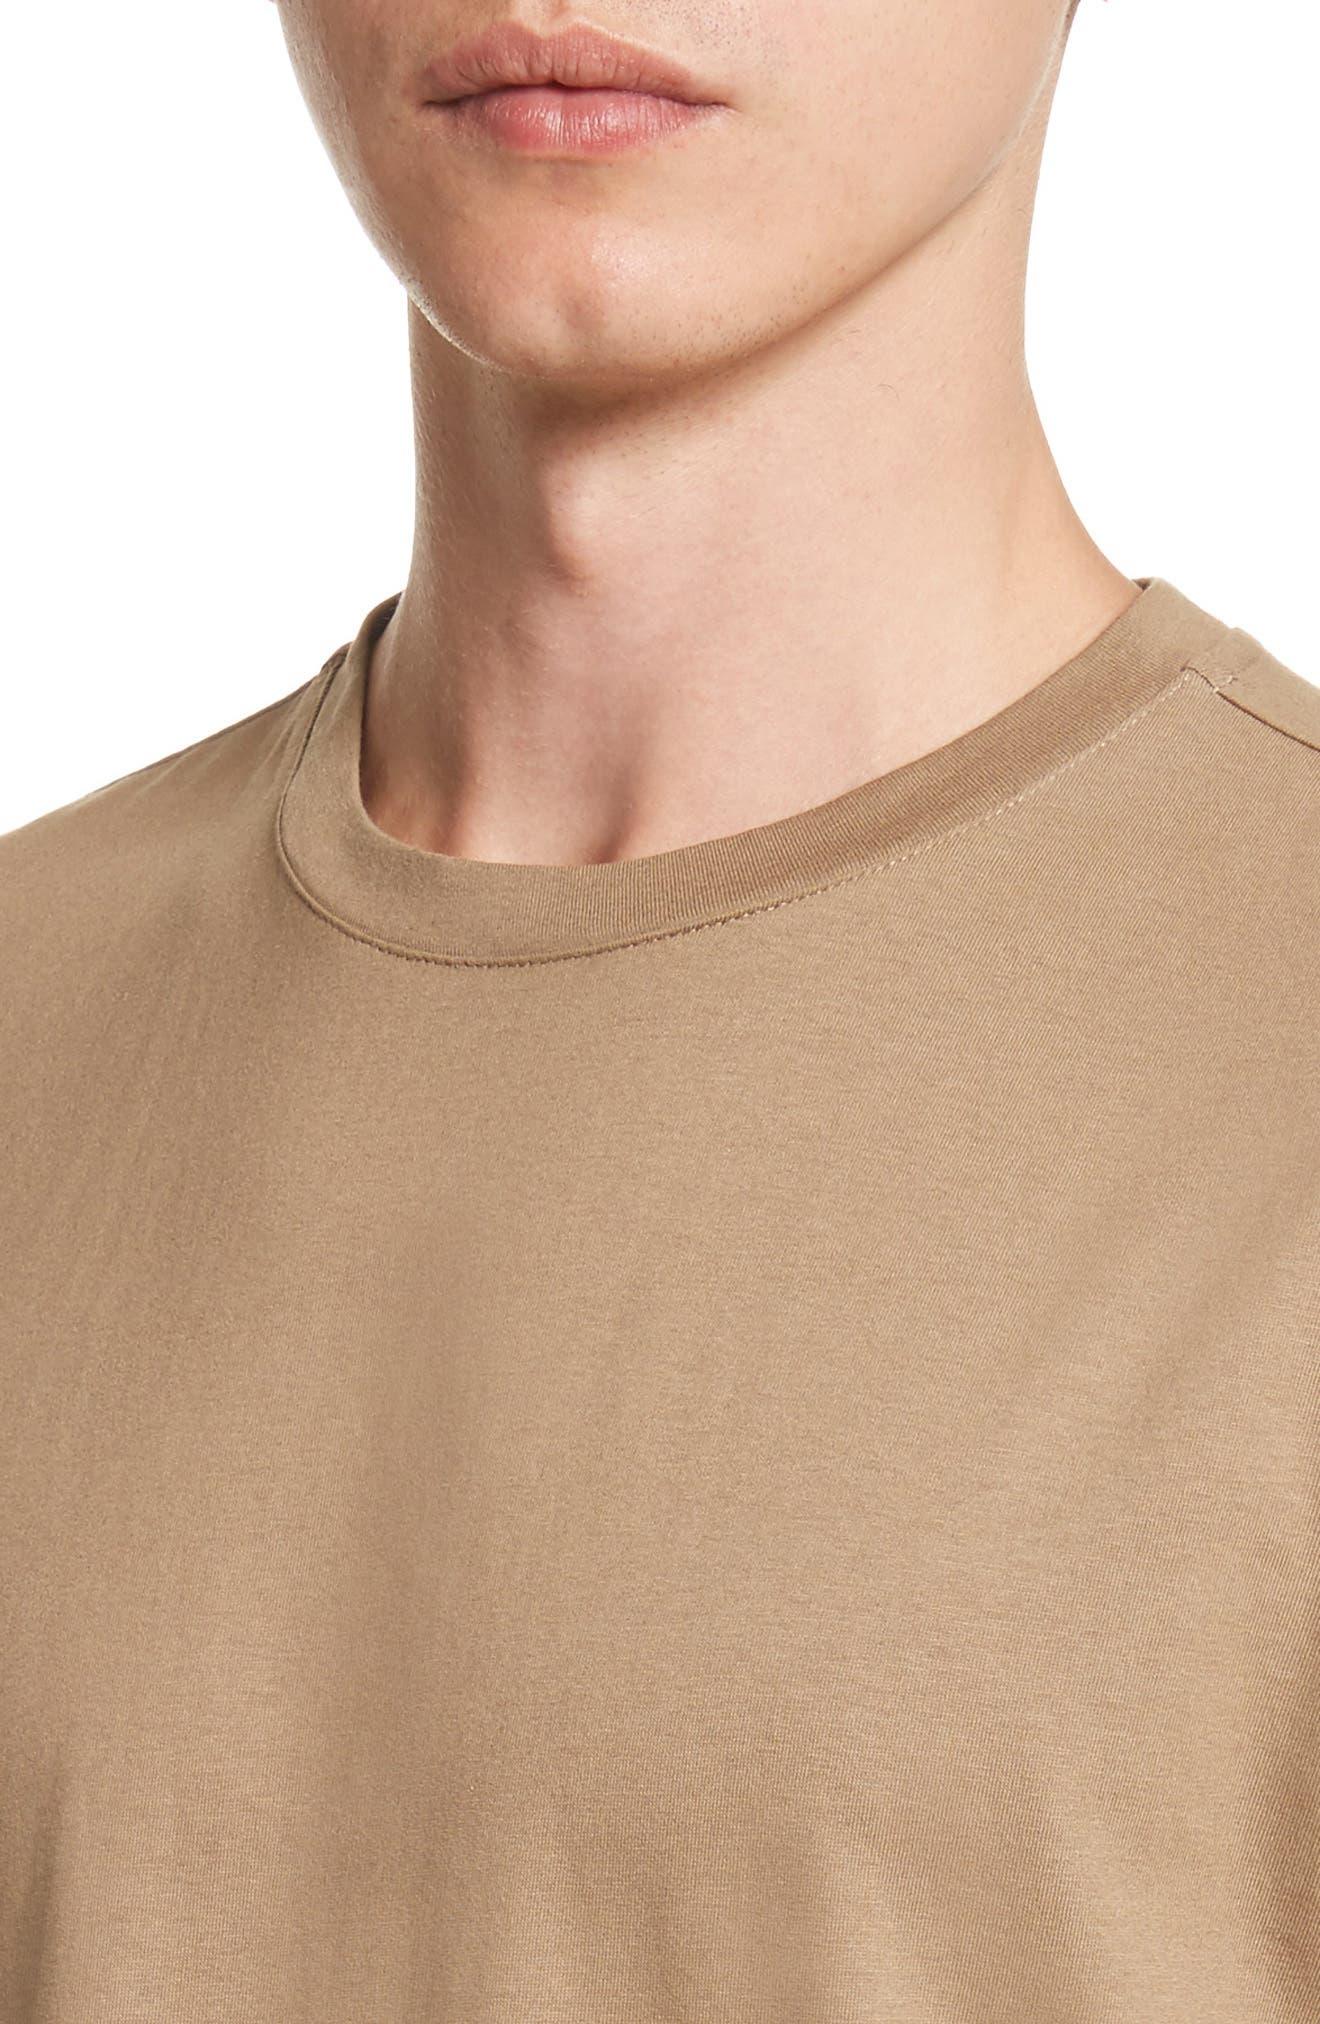 Jimmy T-Shirt,                             Alternate thumbnail 4, color,